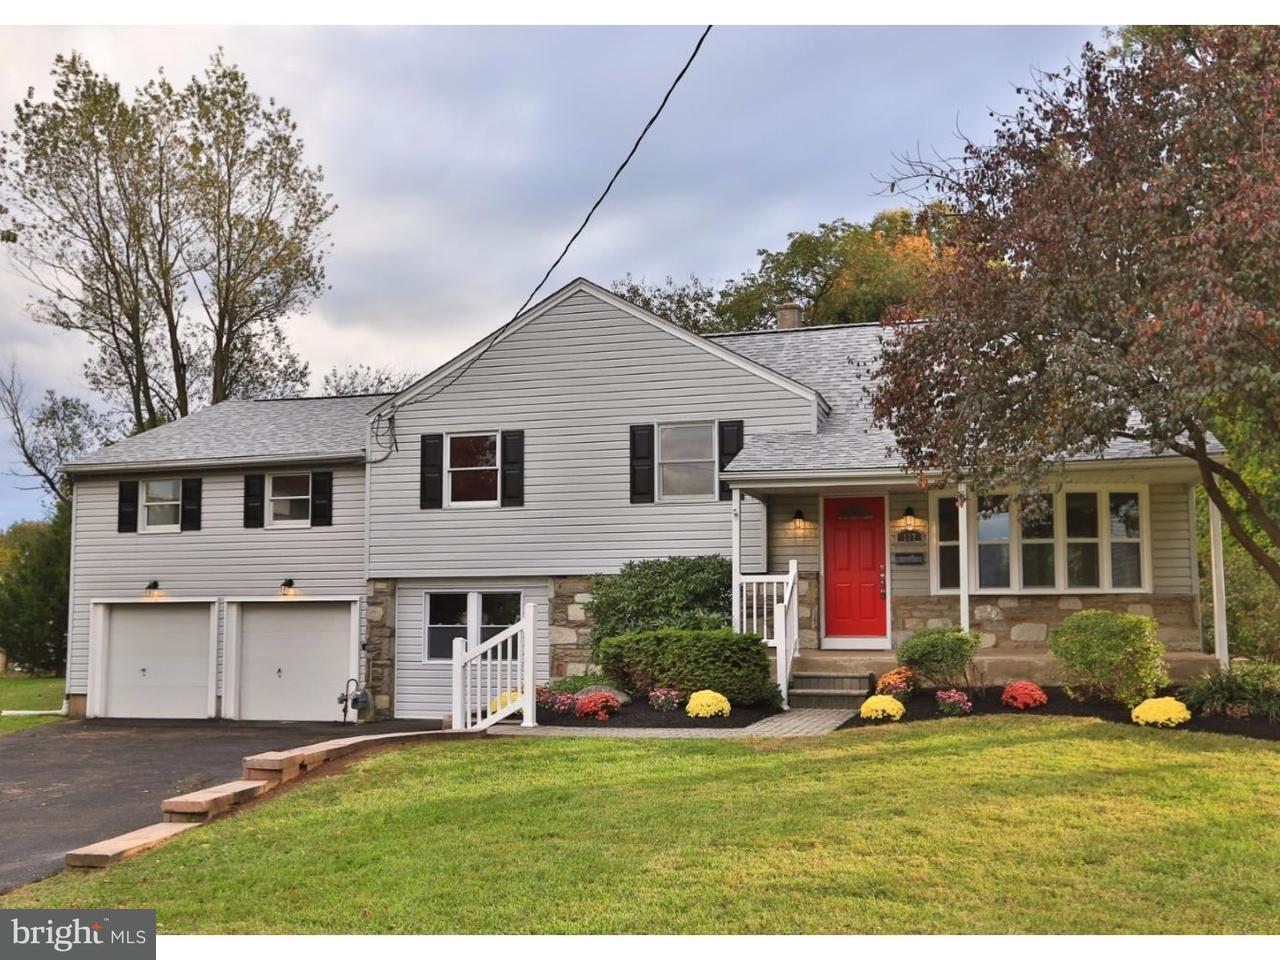 Casa Unifamiliar por un Venta en 117 PARKWAY Road Hatboro, Pennsylvania 19040 Estados Unidos